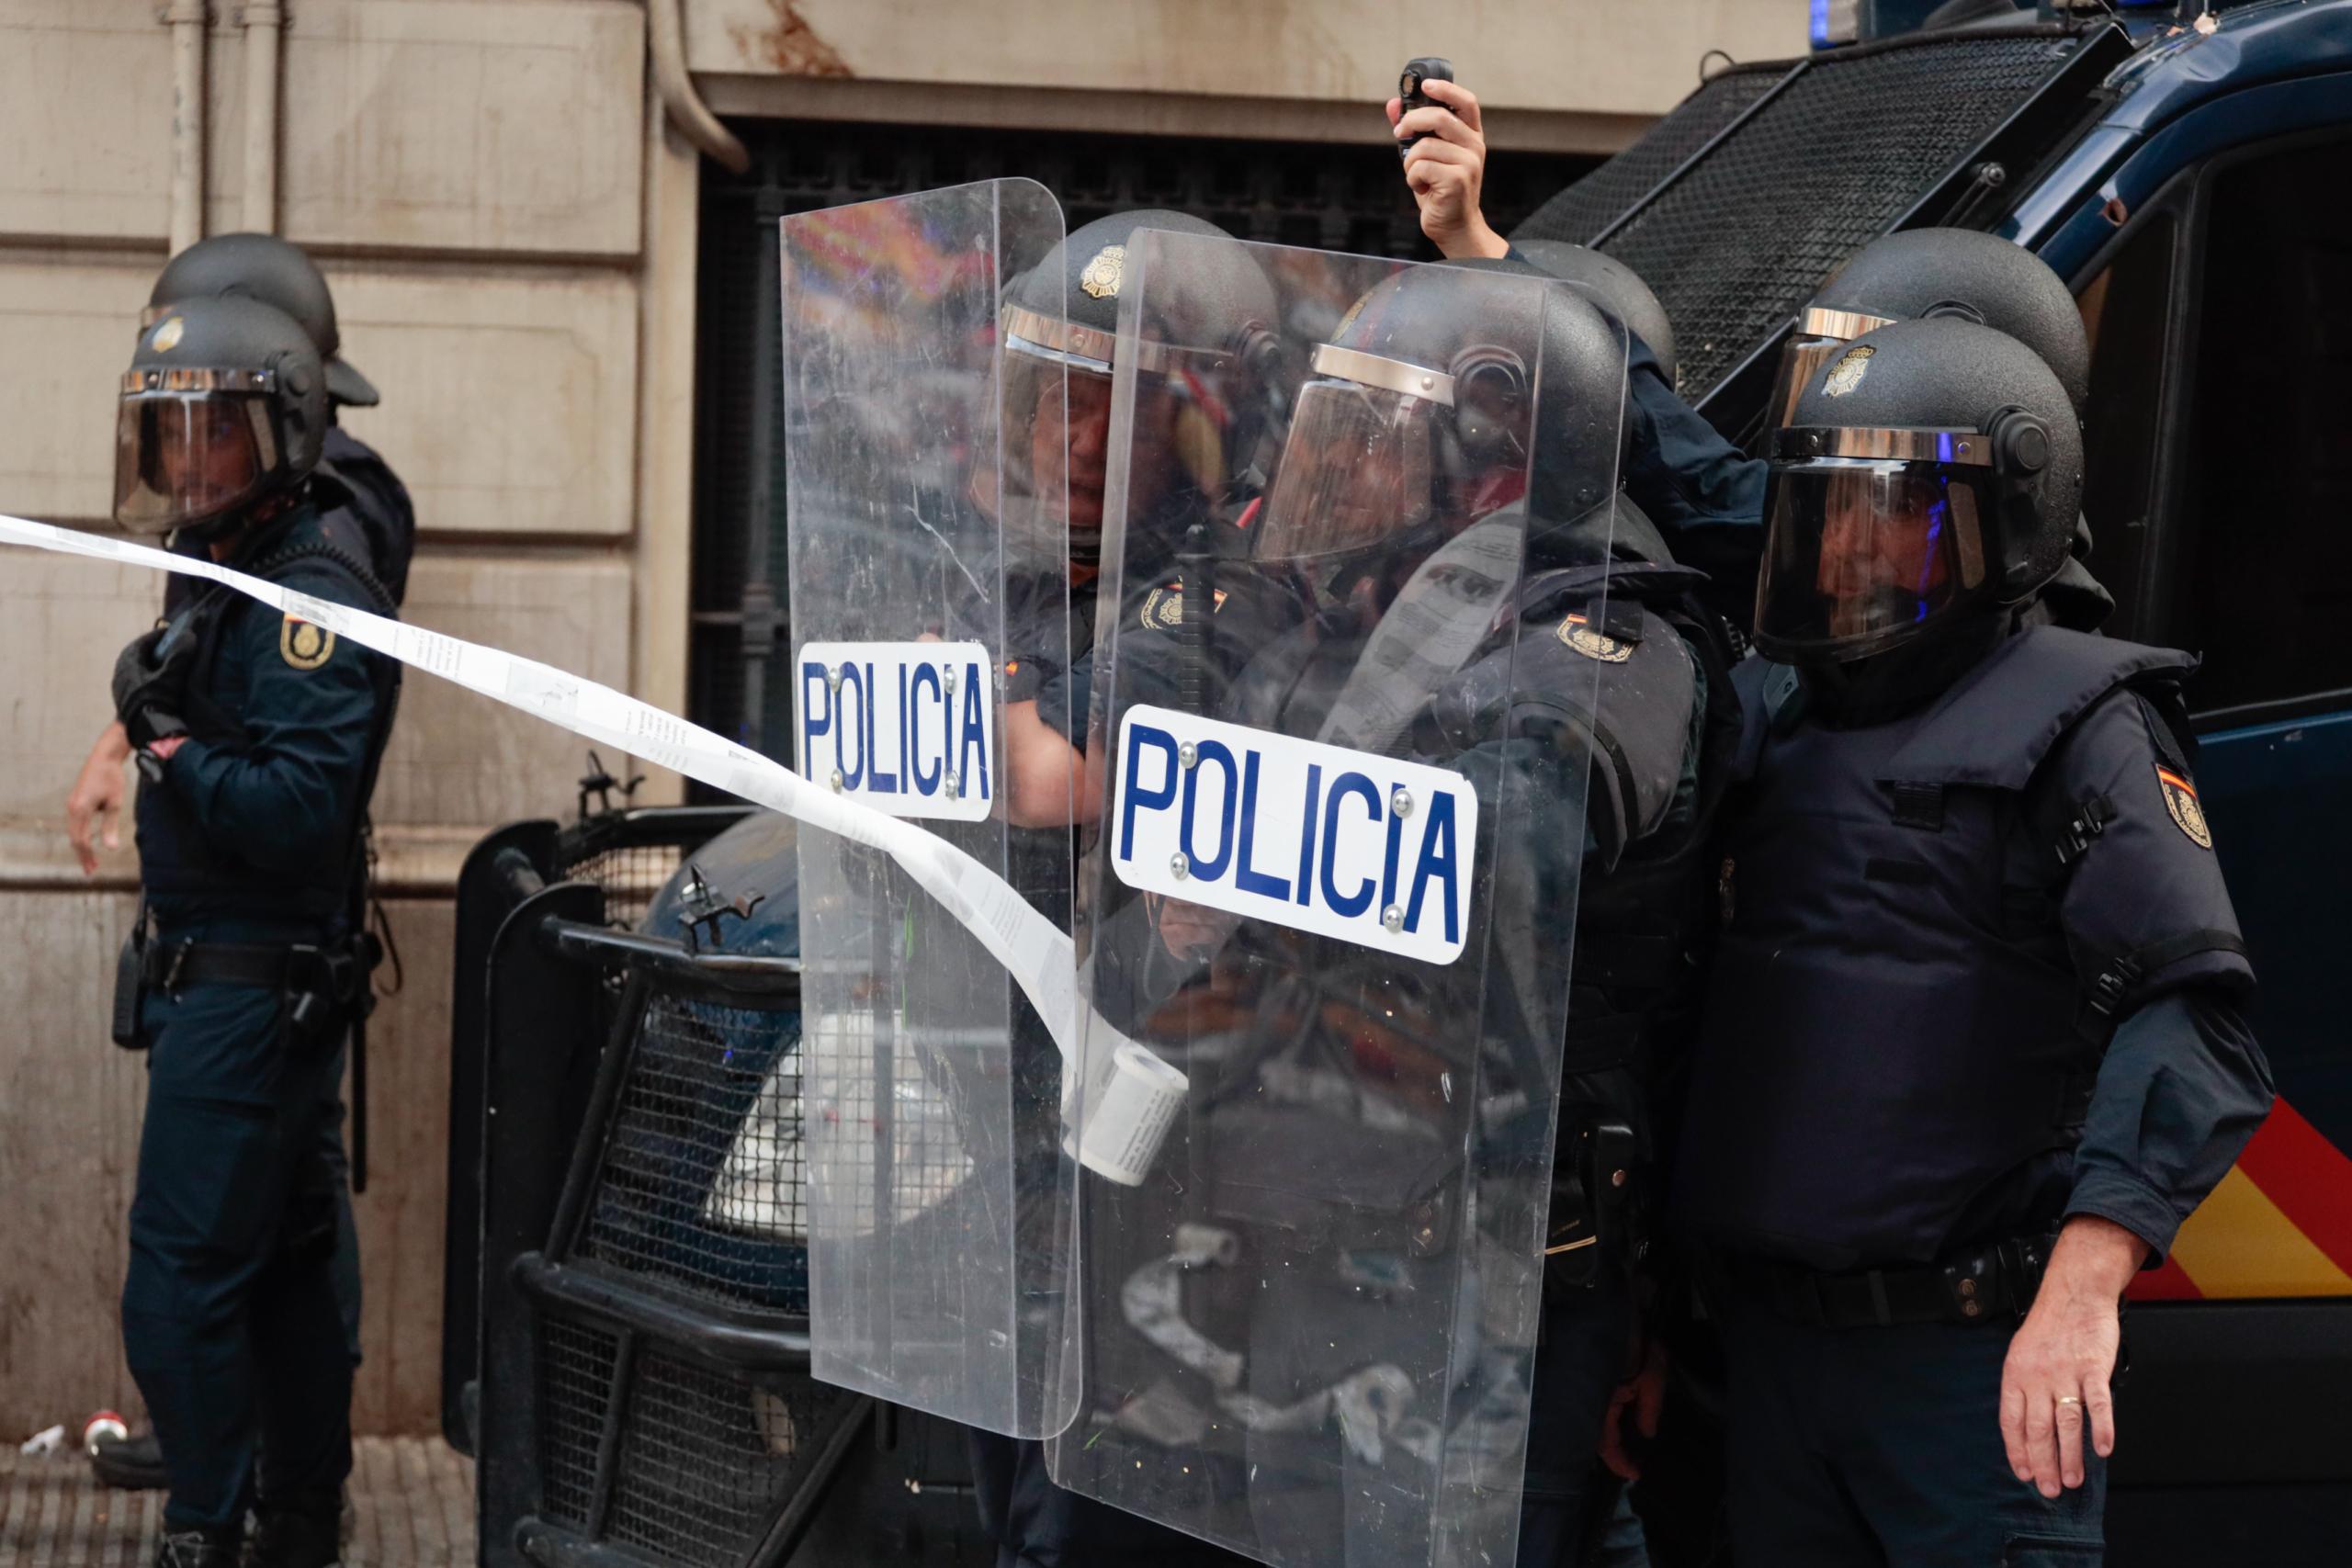 Un agent de la Policia Nacional enregistra manifestants davant la comissaria de la Via Laietana de Barcelona / ACN